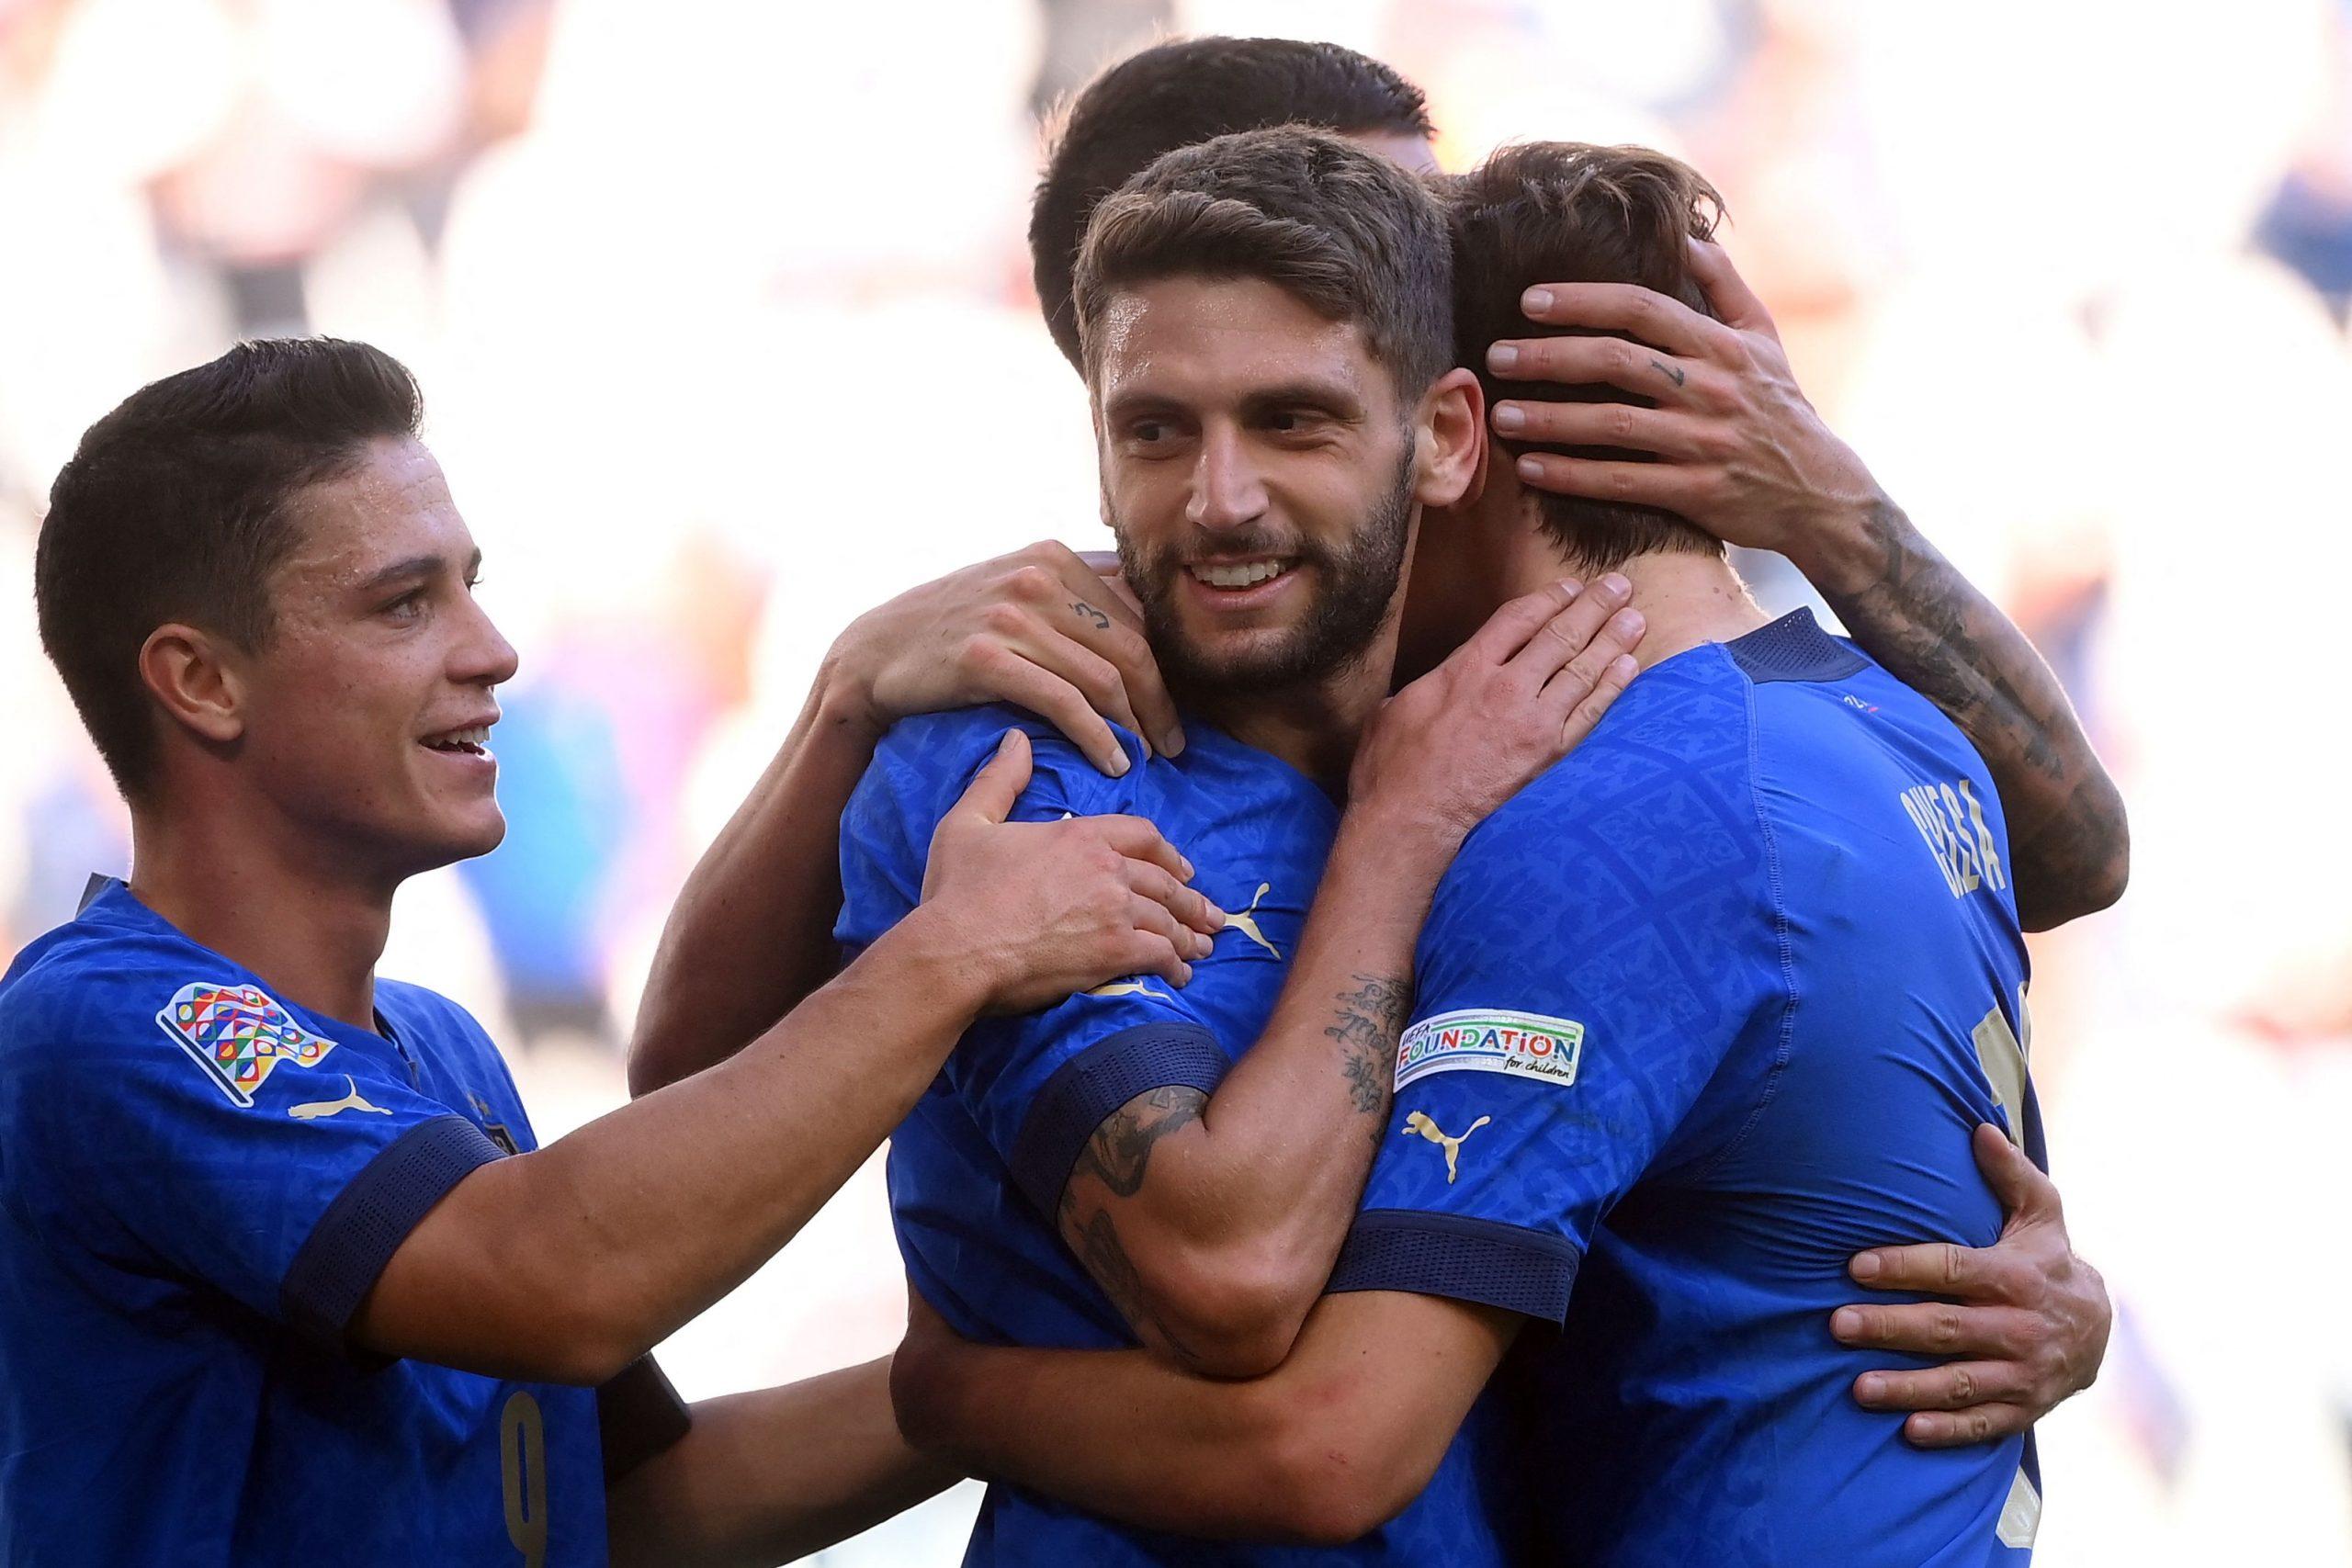 Italia puede con Bélgica y alcanzó el tercer puesto en la Liga de Naciones - Prensa Libre